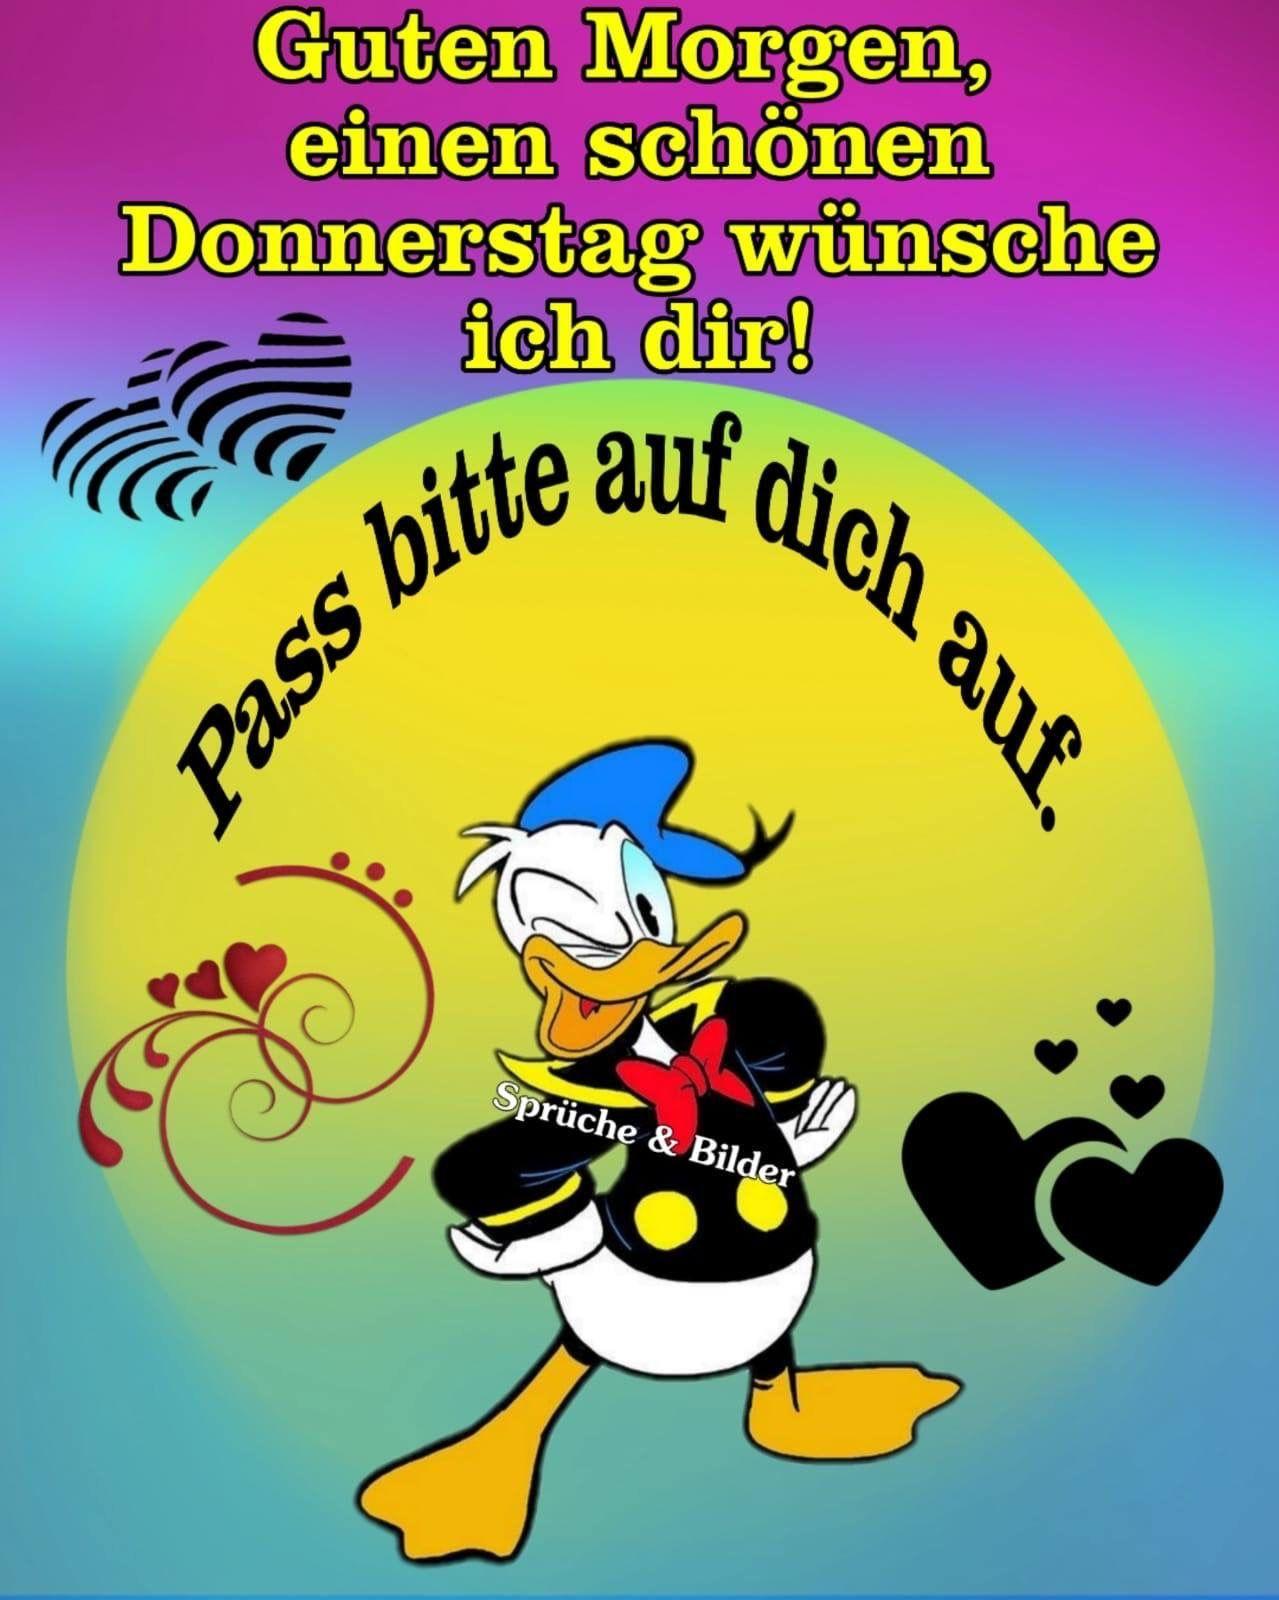 Pin Von Anja Lang Auf Guten Morgen Liebe Guten Morgen Grusse Wochenende Lustig Guten Morgen Gruss